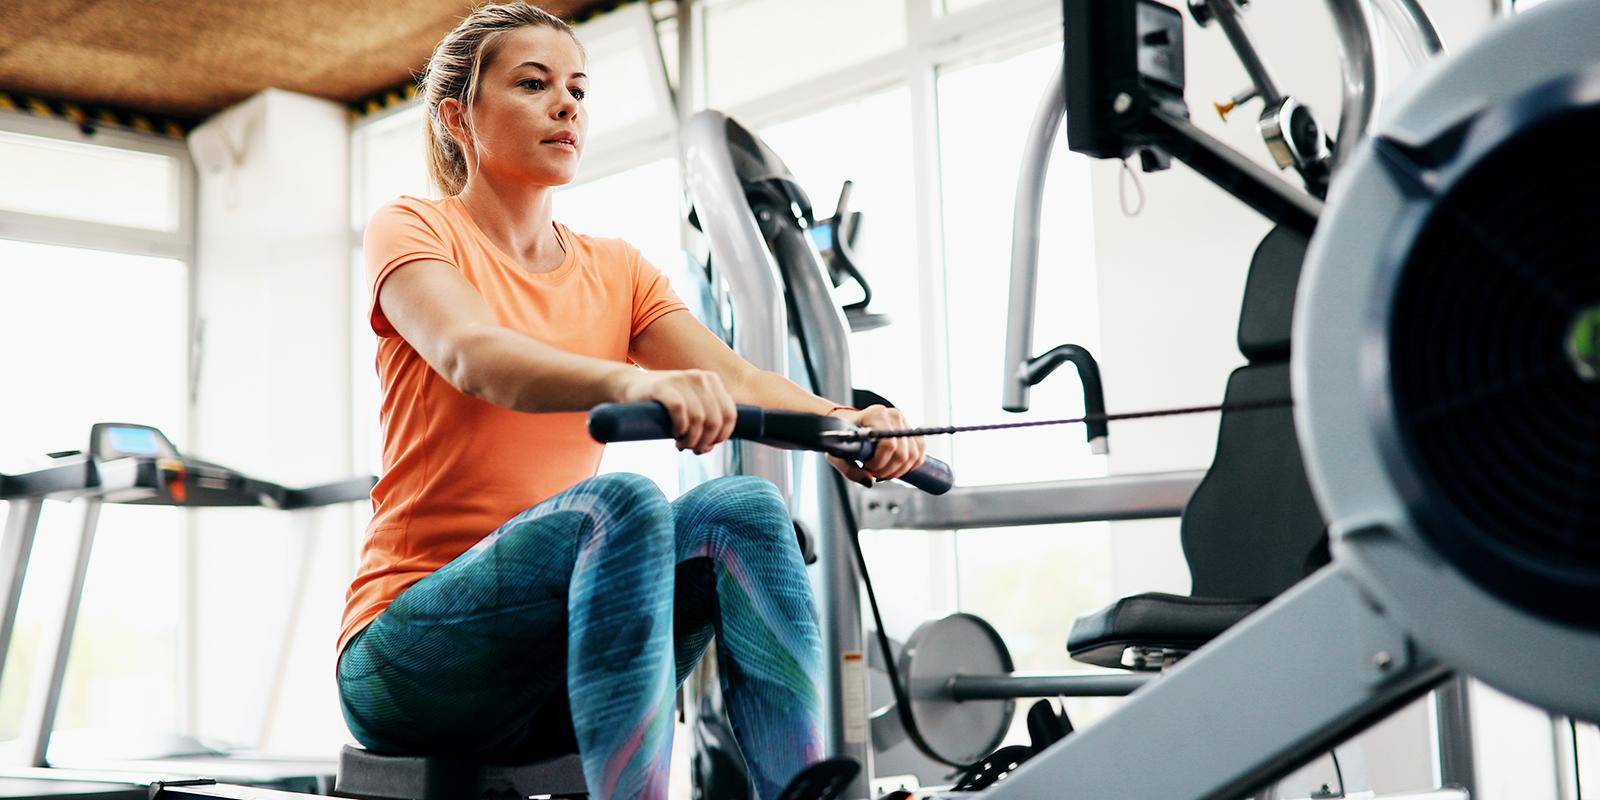 Как заниматься на гребном тренажёре, чтобы скинуть лишний вес и прокачать выносливость